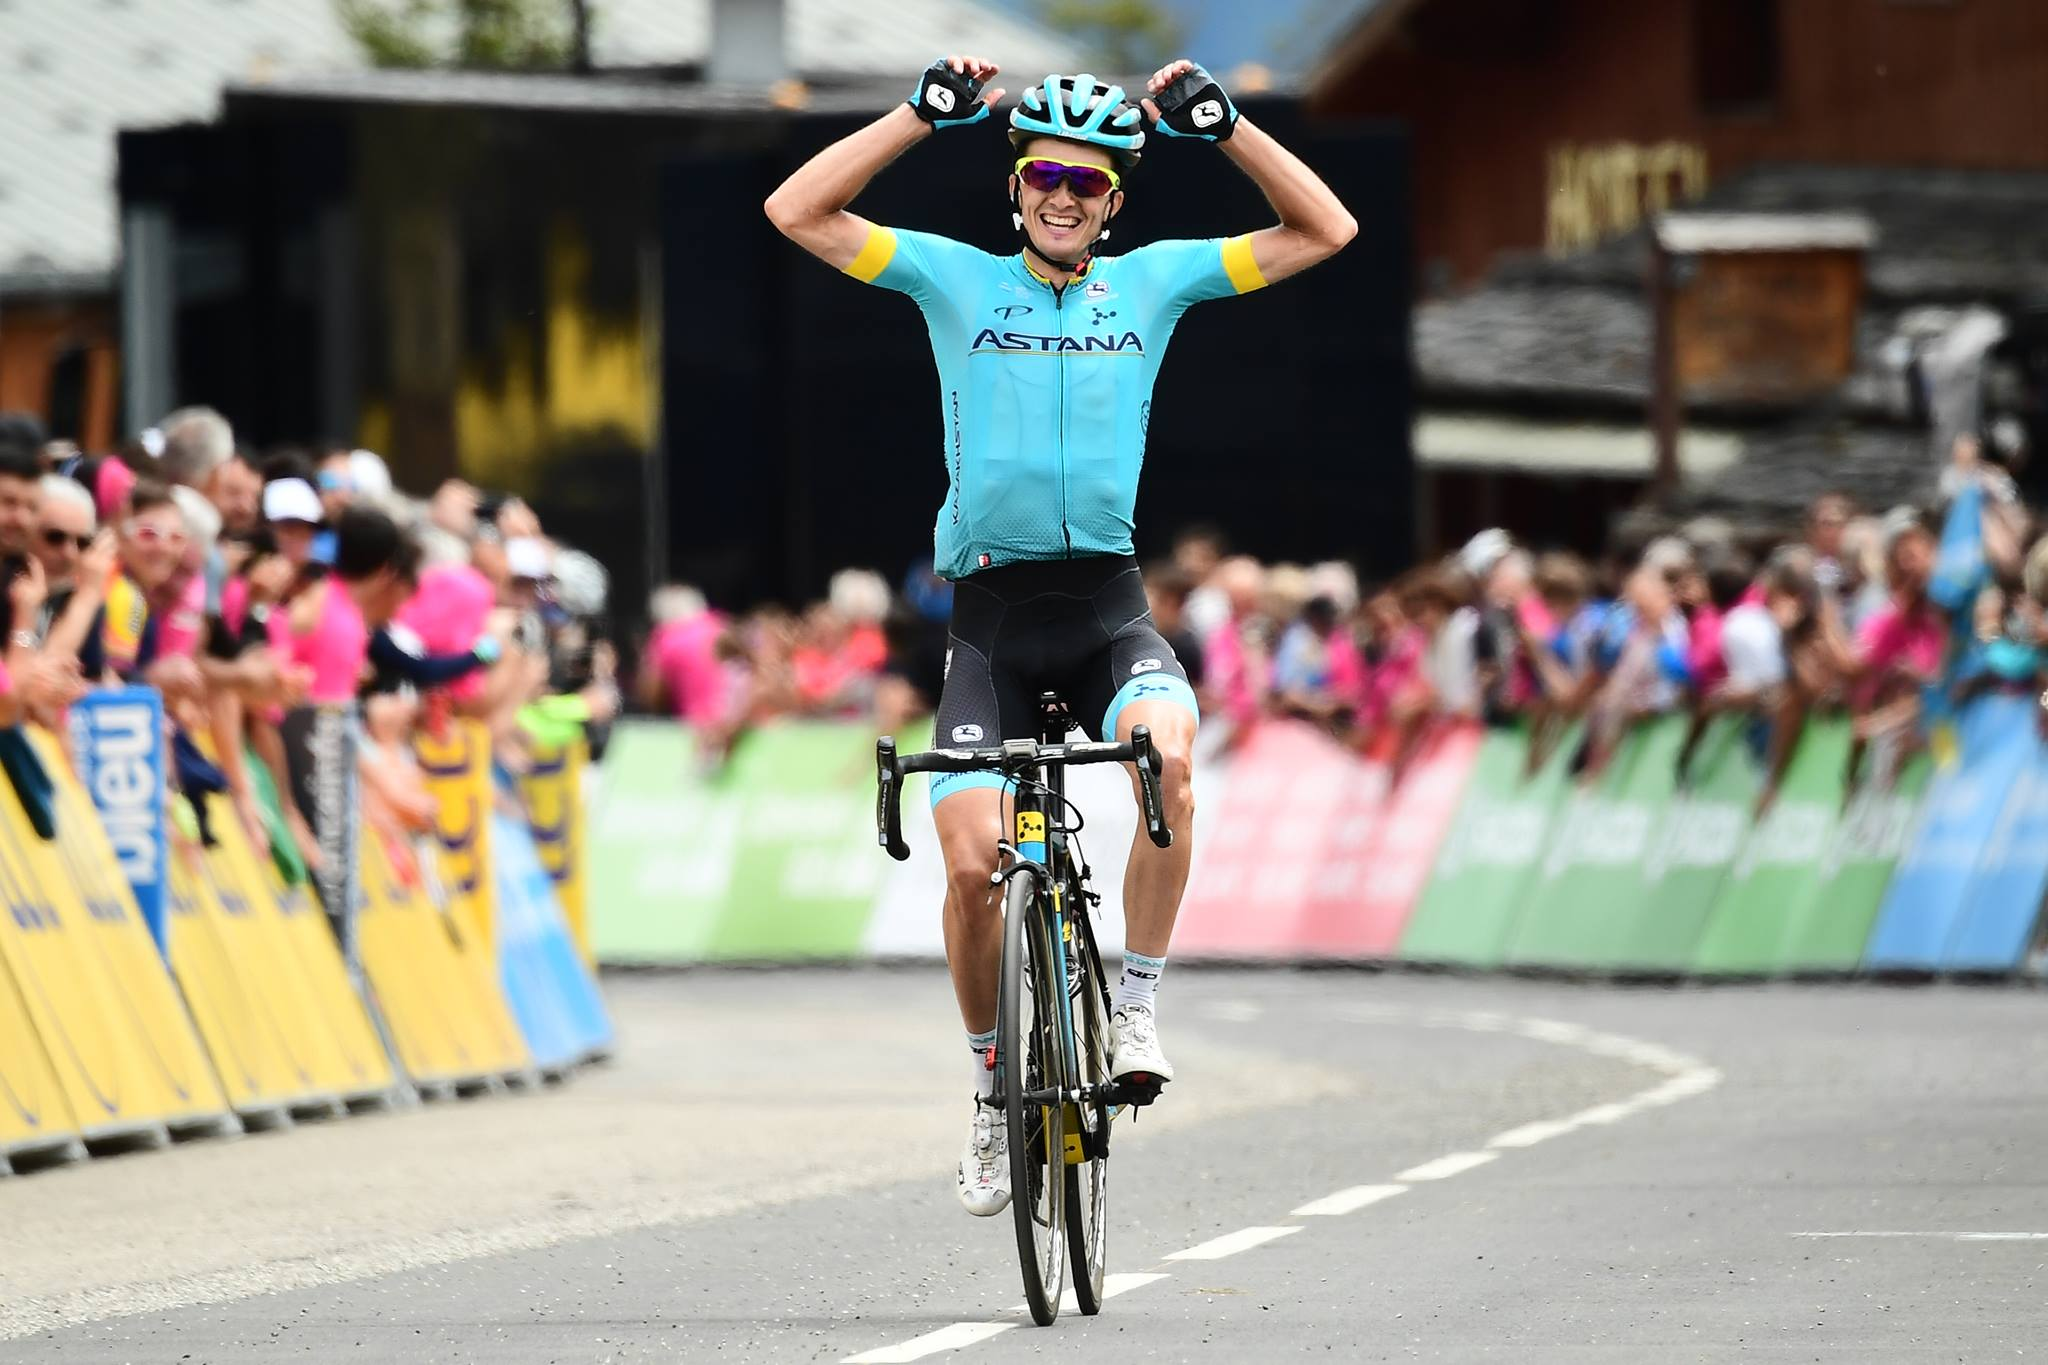 Pello Bilbao vince la sesta tappa del Critérium du Dauphiné 2018